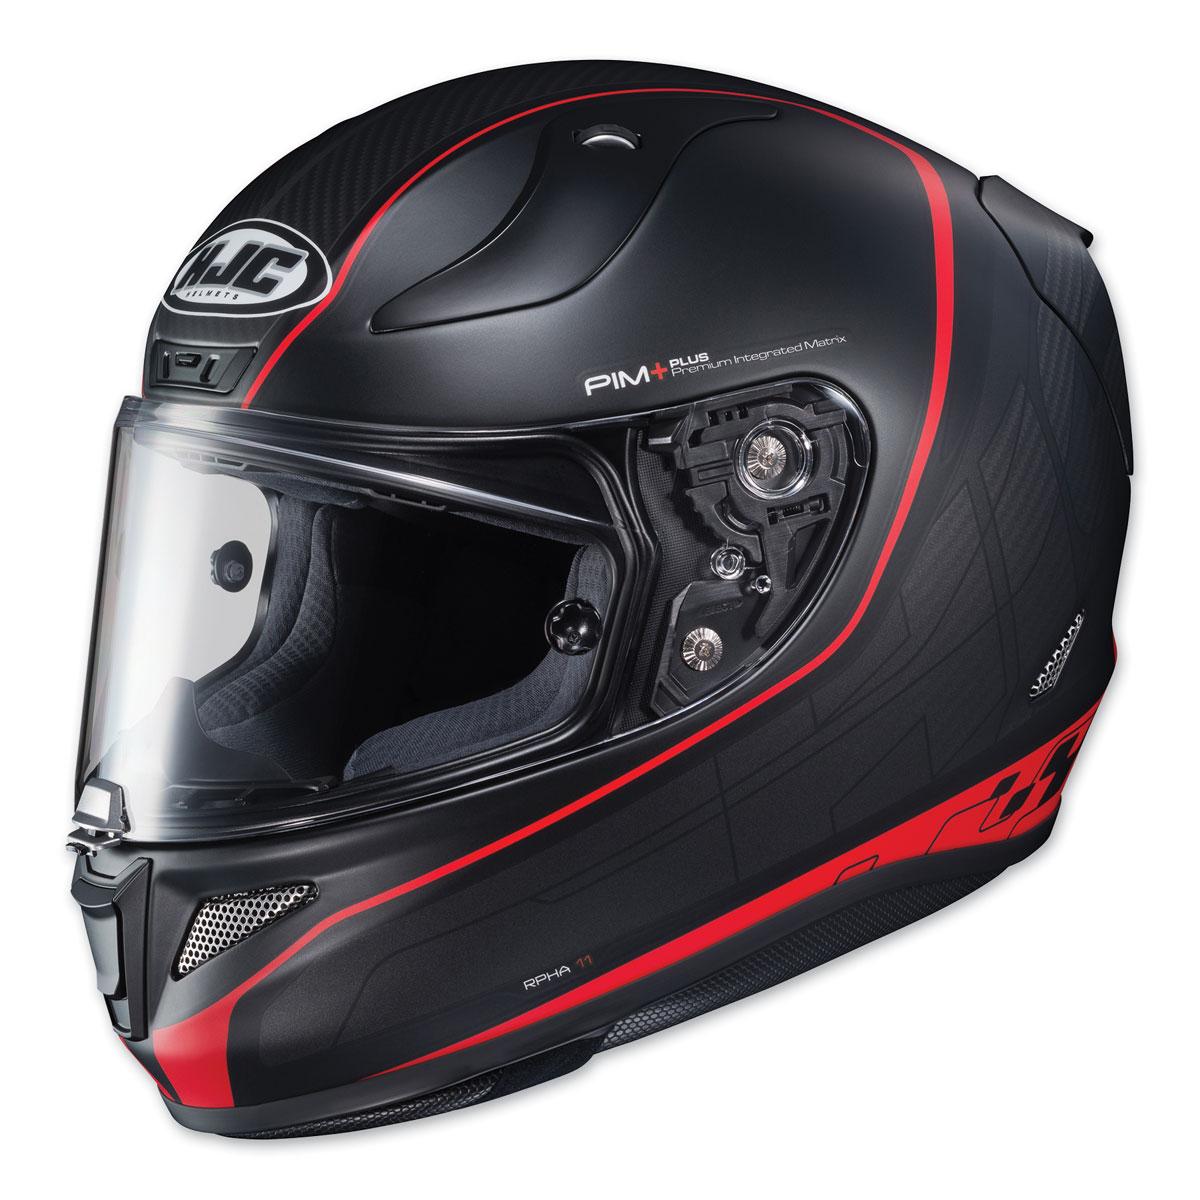 HJC RPHA 11 Pro Riberte Black/Red Full Face Helmet